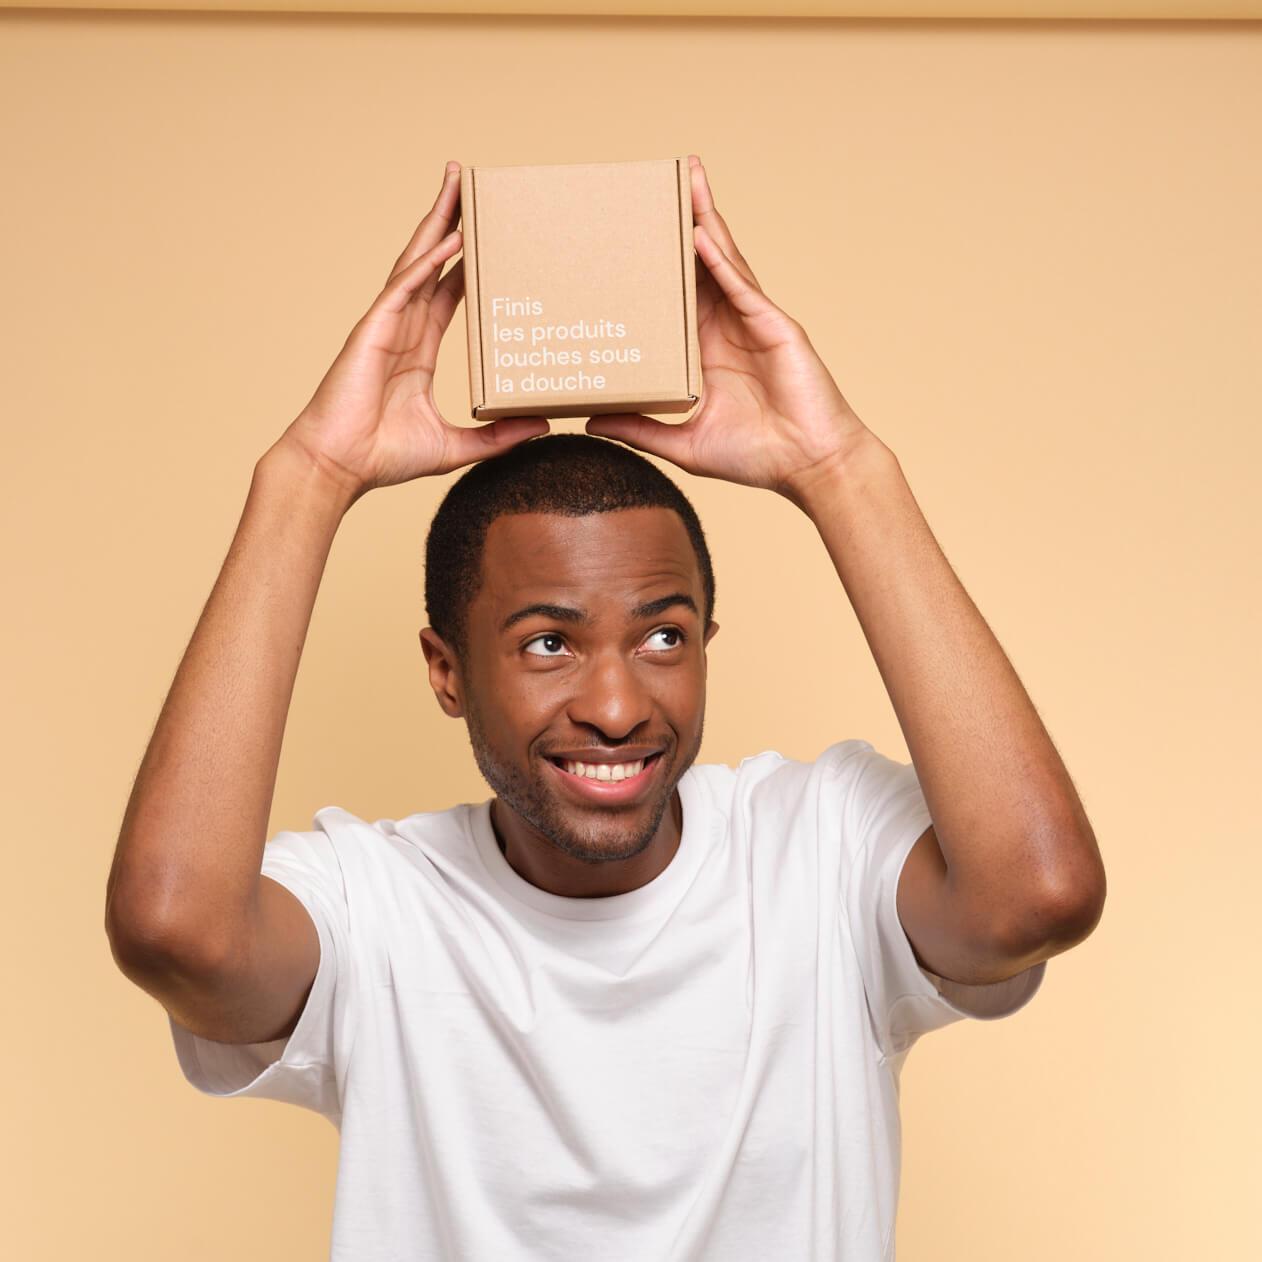 Un chico sostiene una caja de cartón pequeña